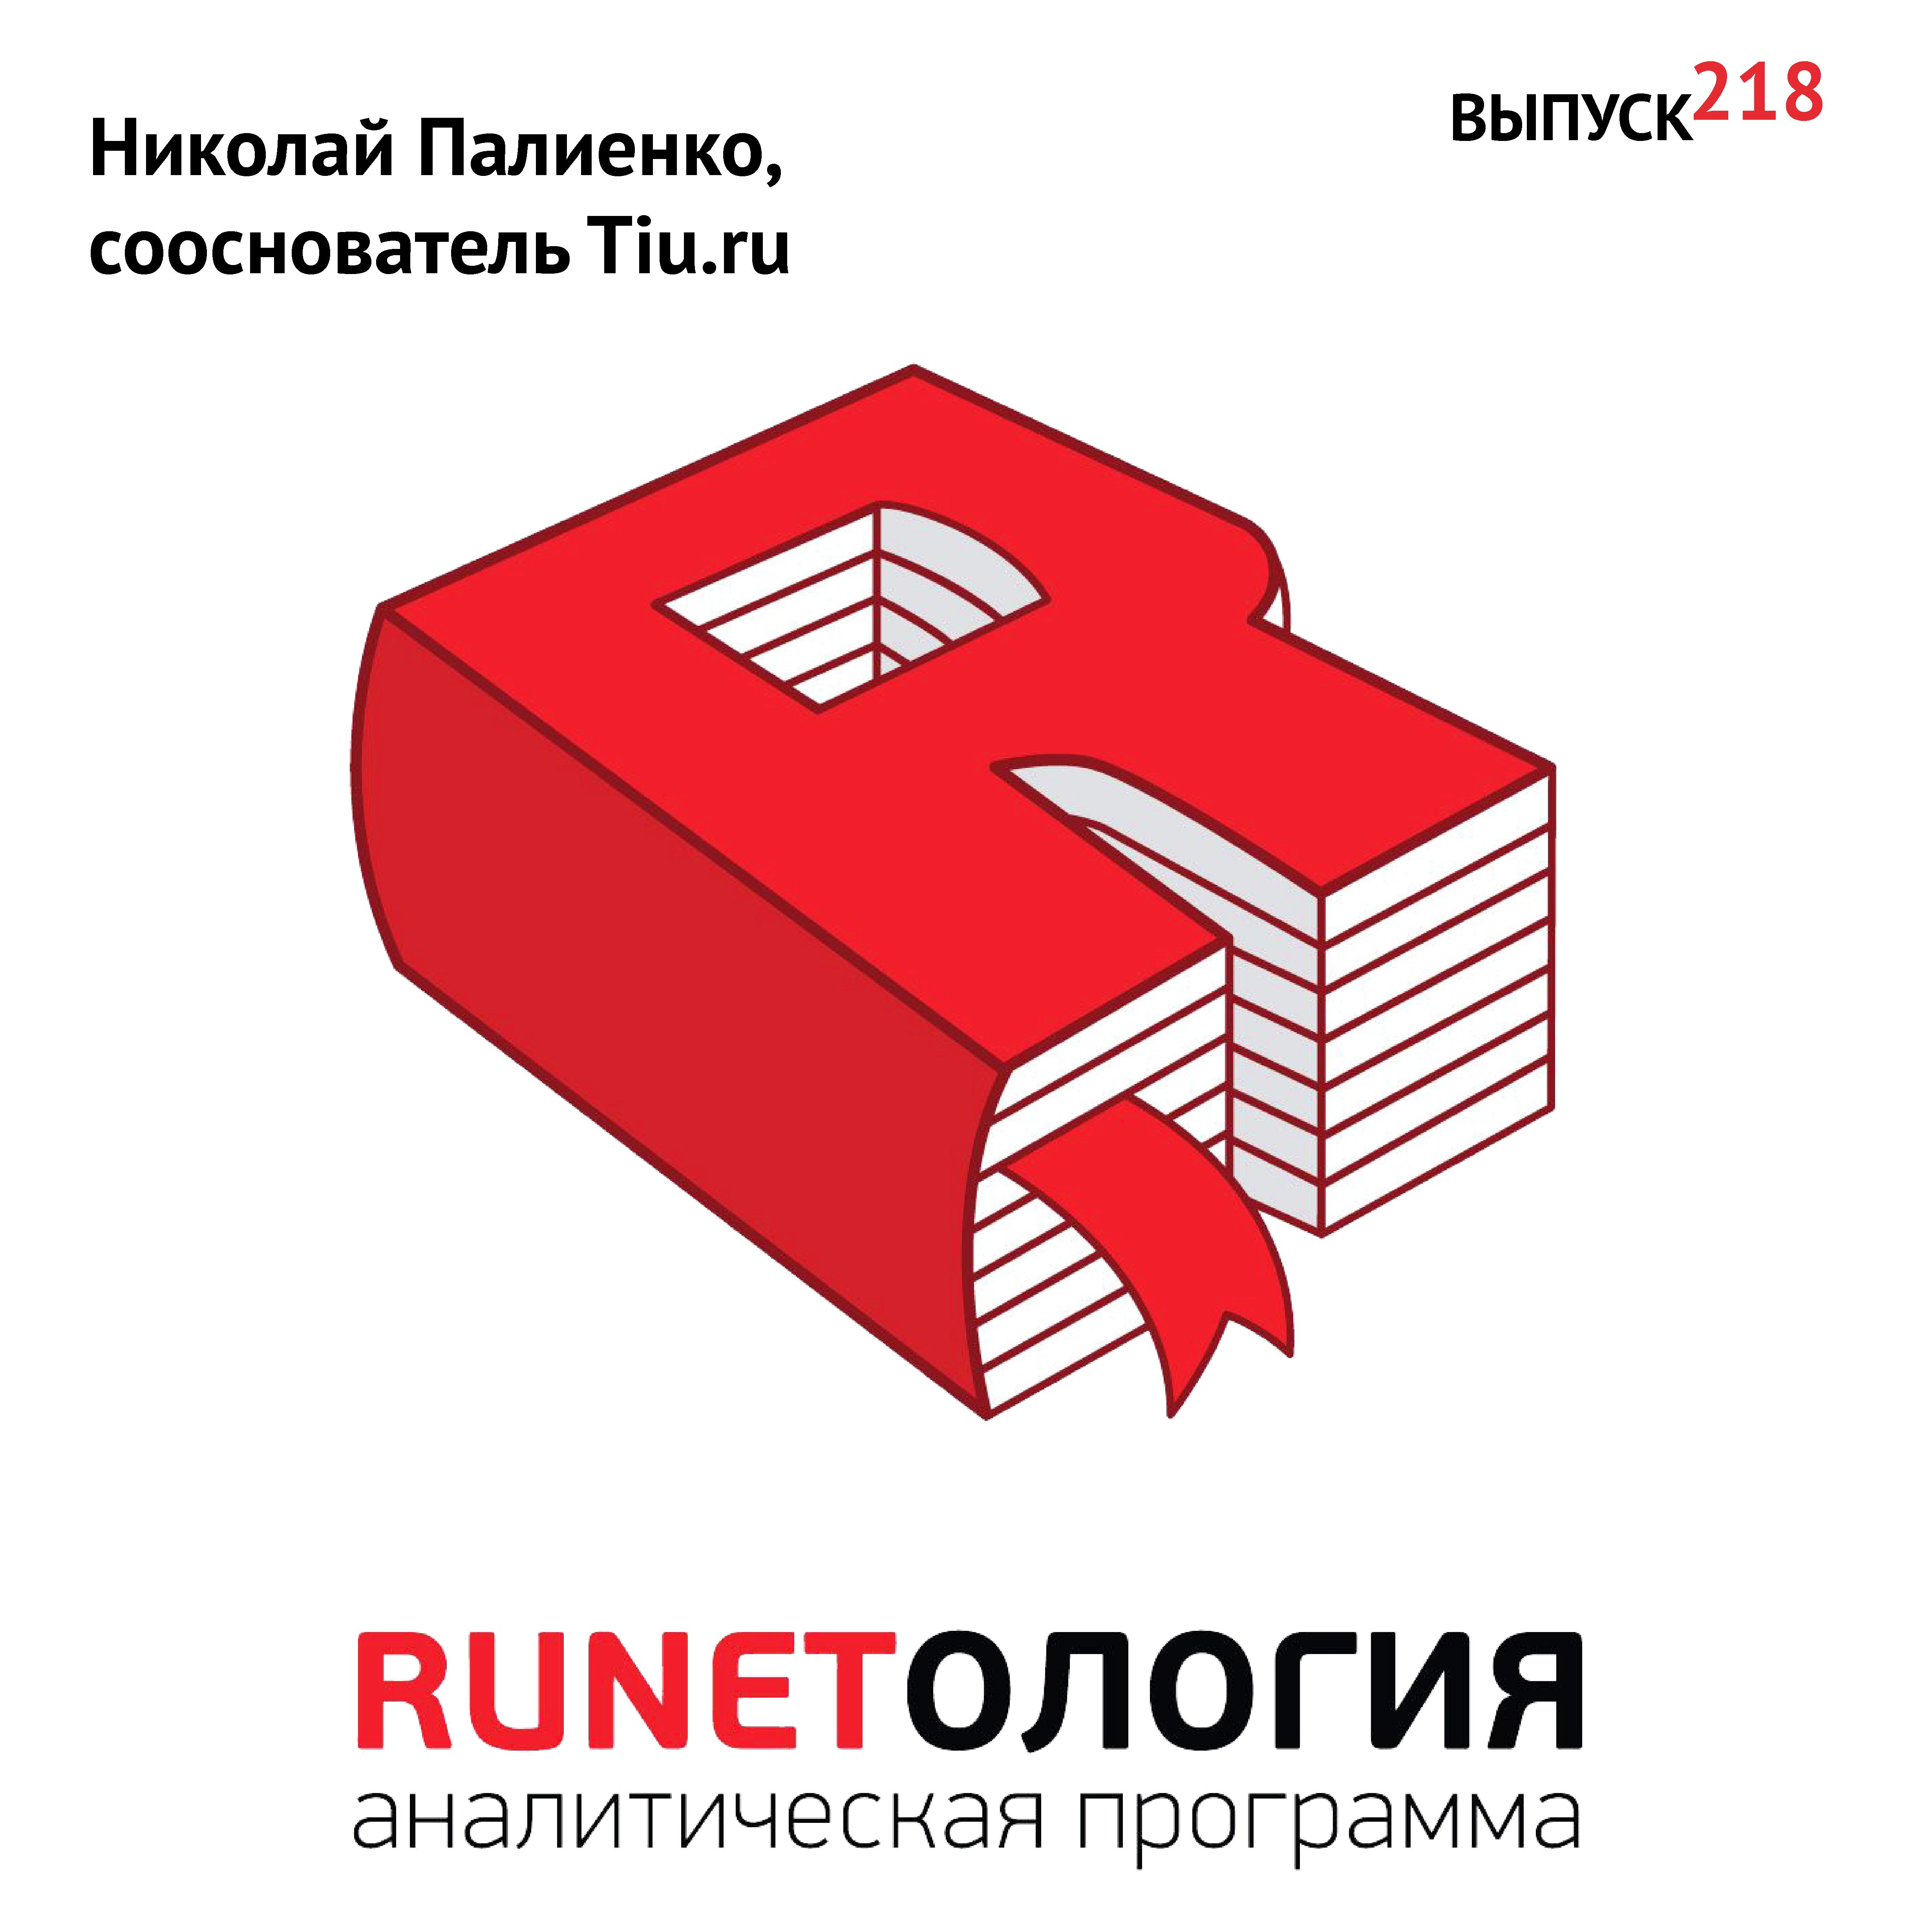 Максим Спиридонов Николай Палиенко, сооснователь Tiu.ru